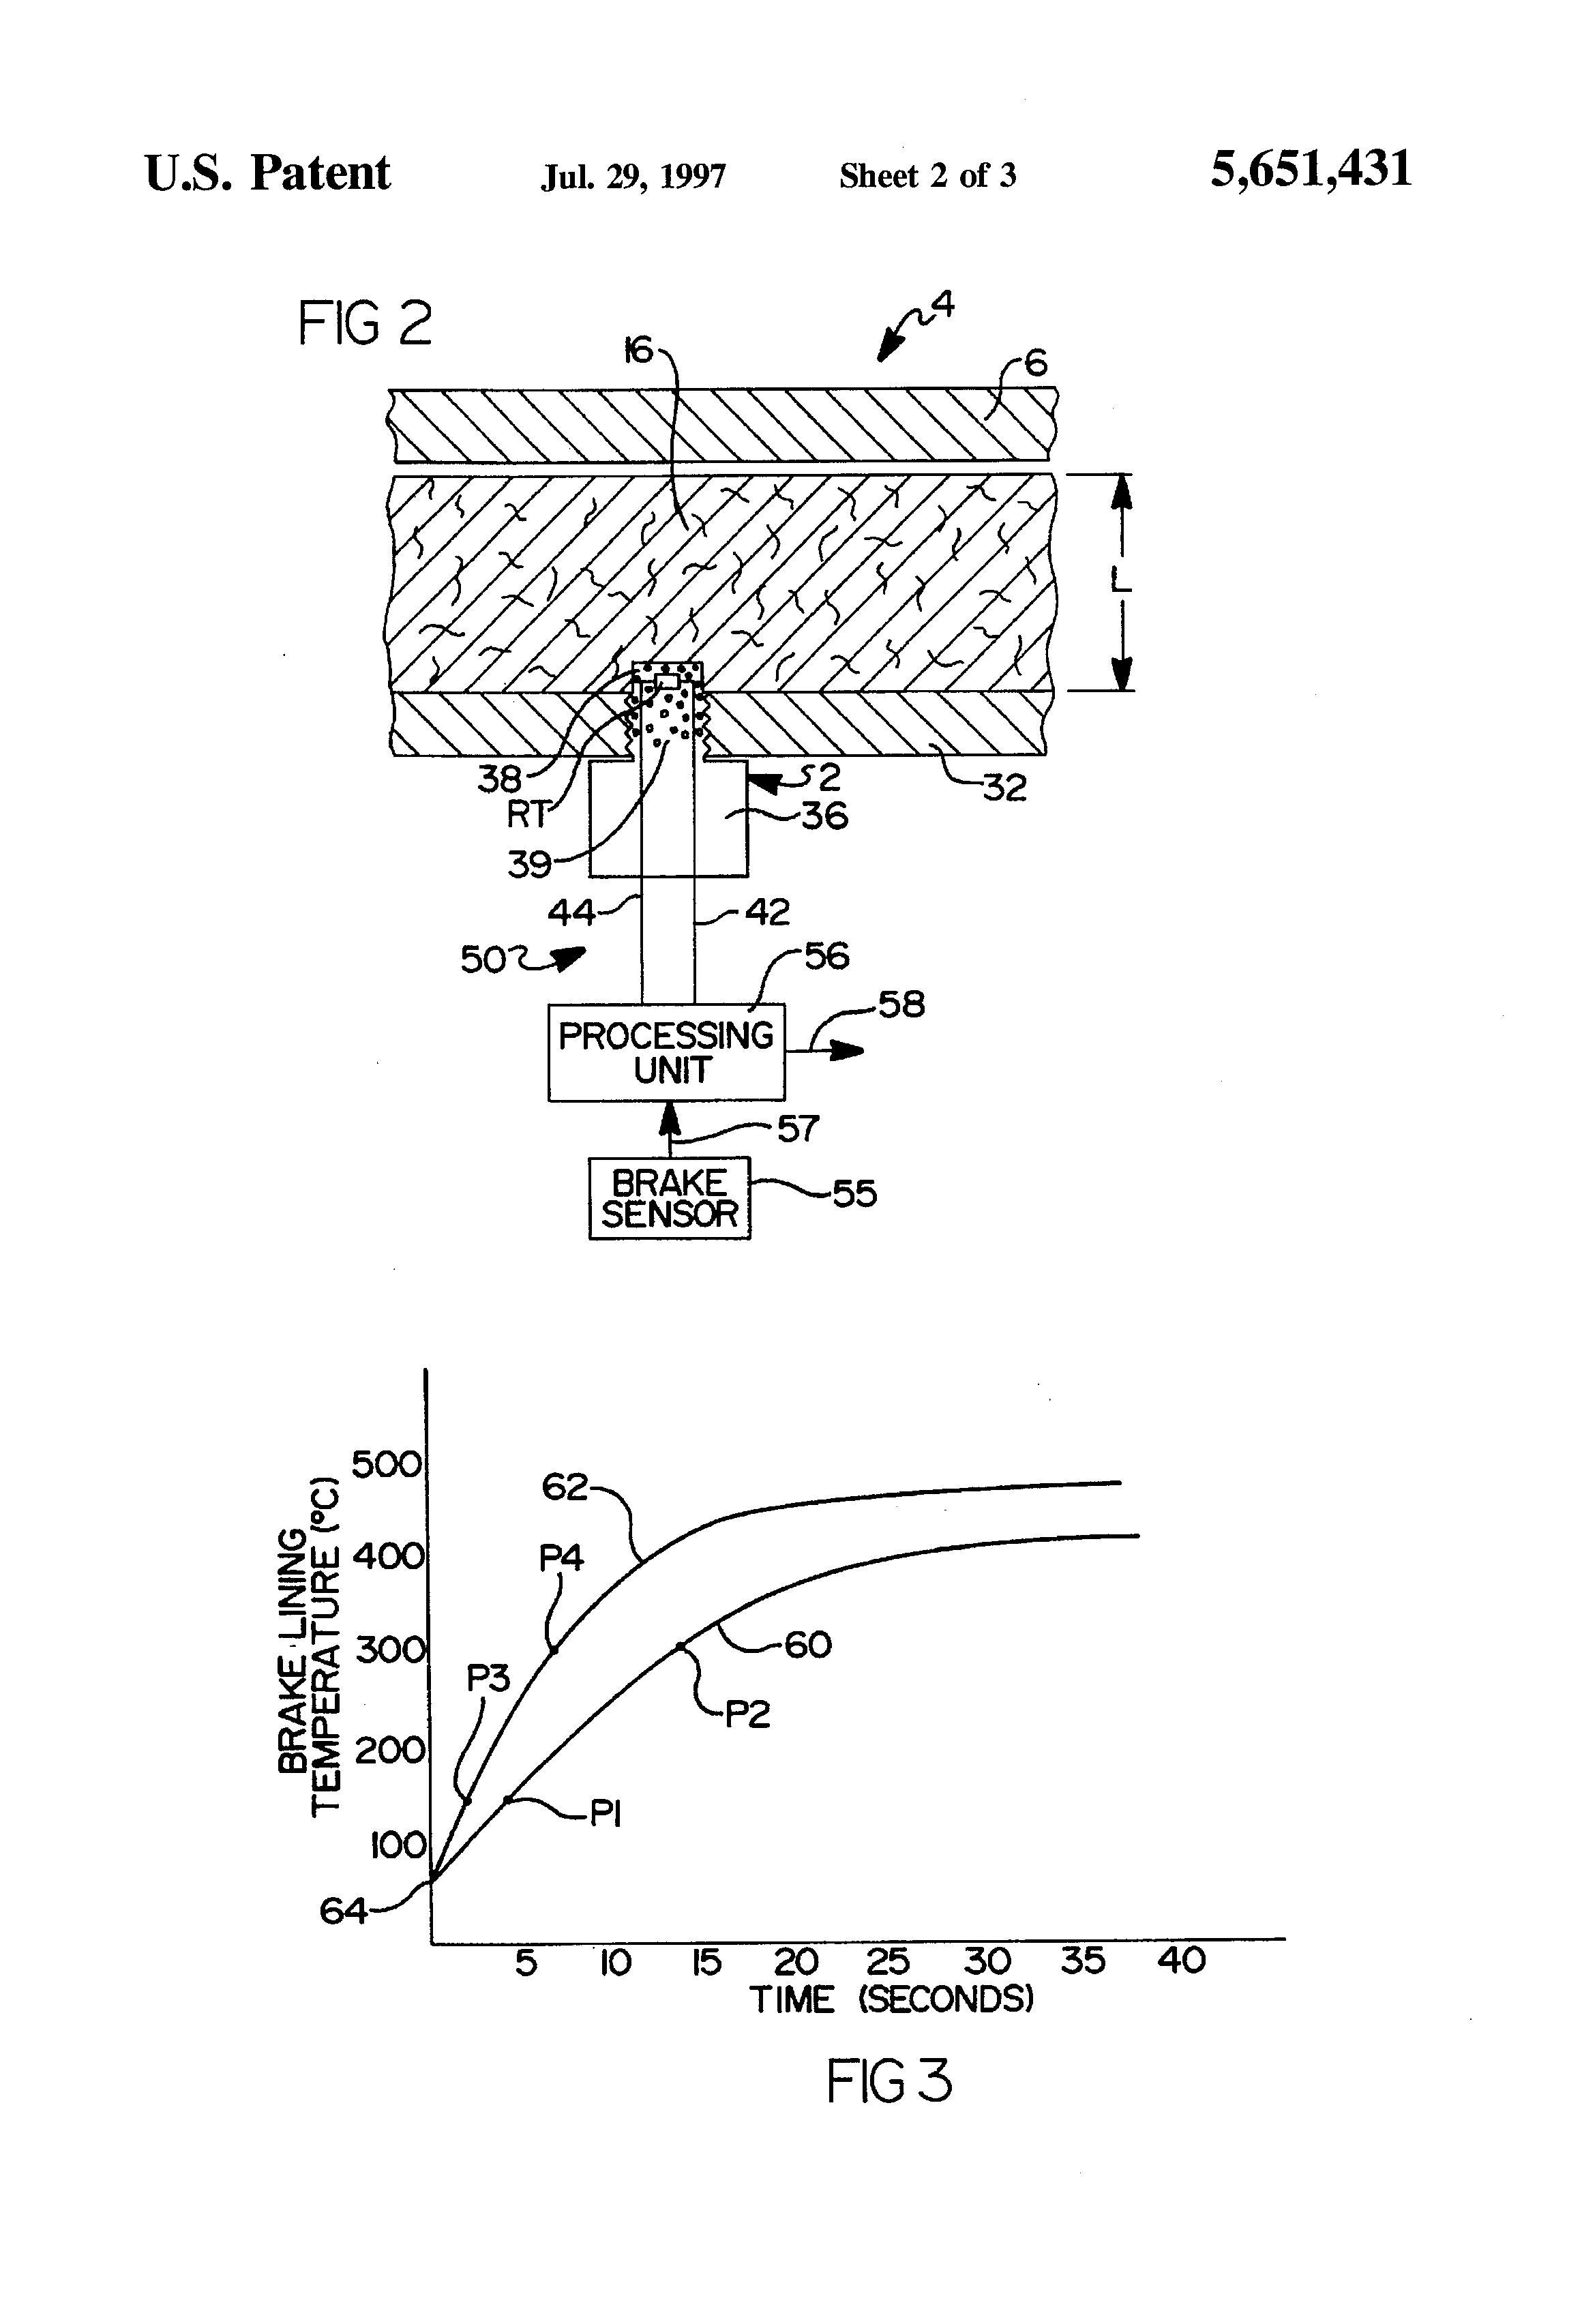 Brake Lining Draw : Patent us method of brake lining wear detection